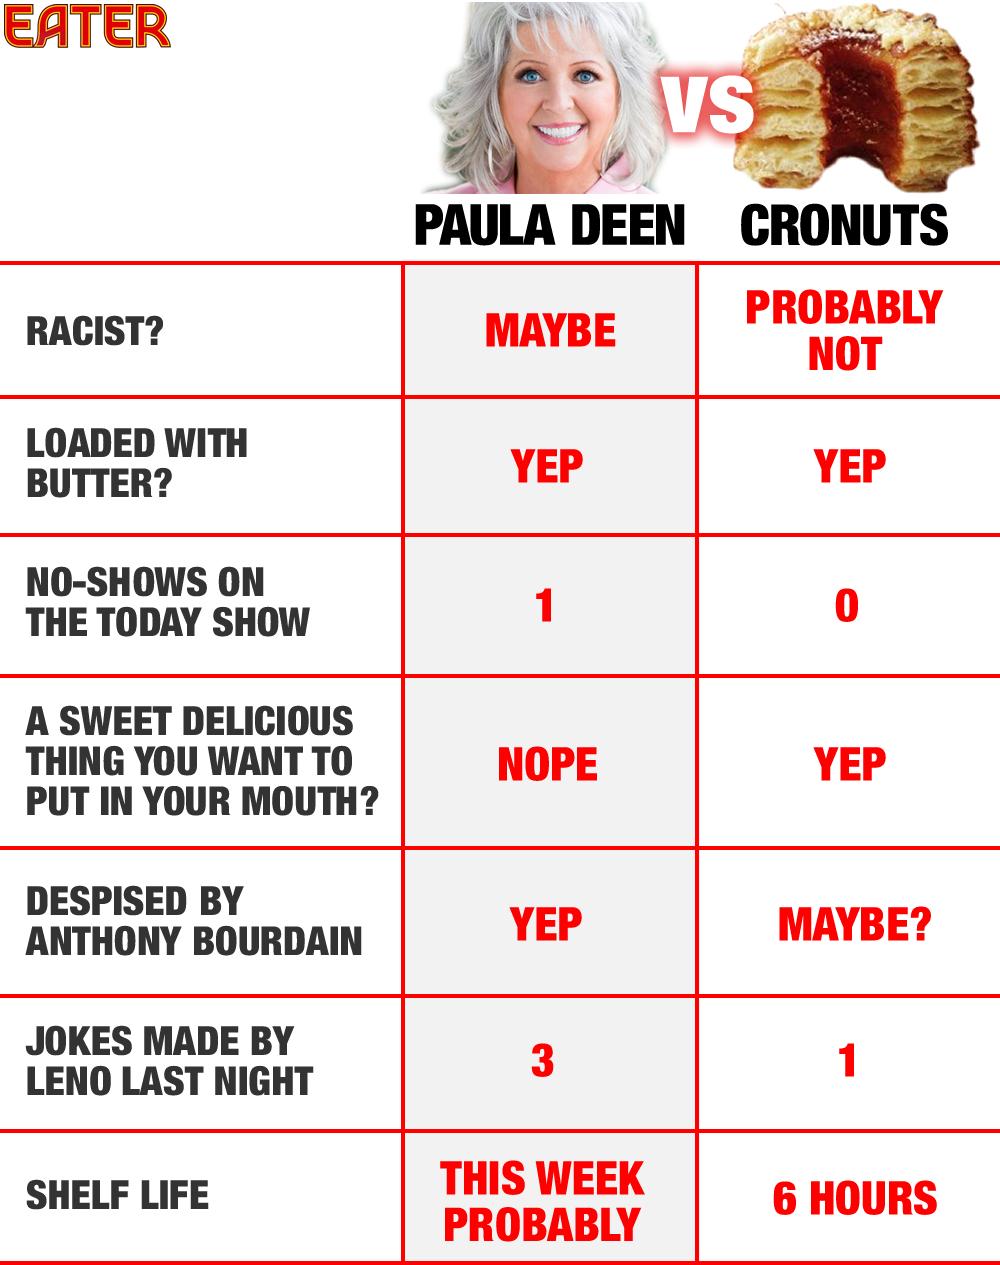 paula-deen-vs-cronuts.png